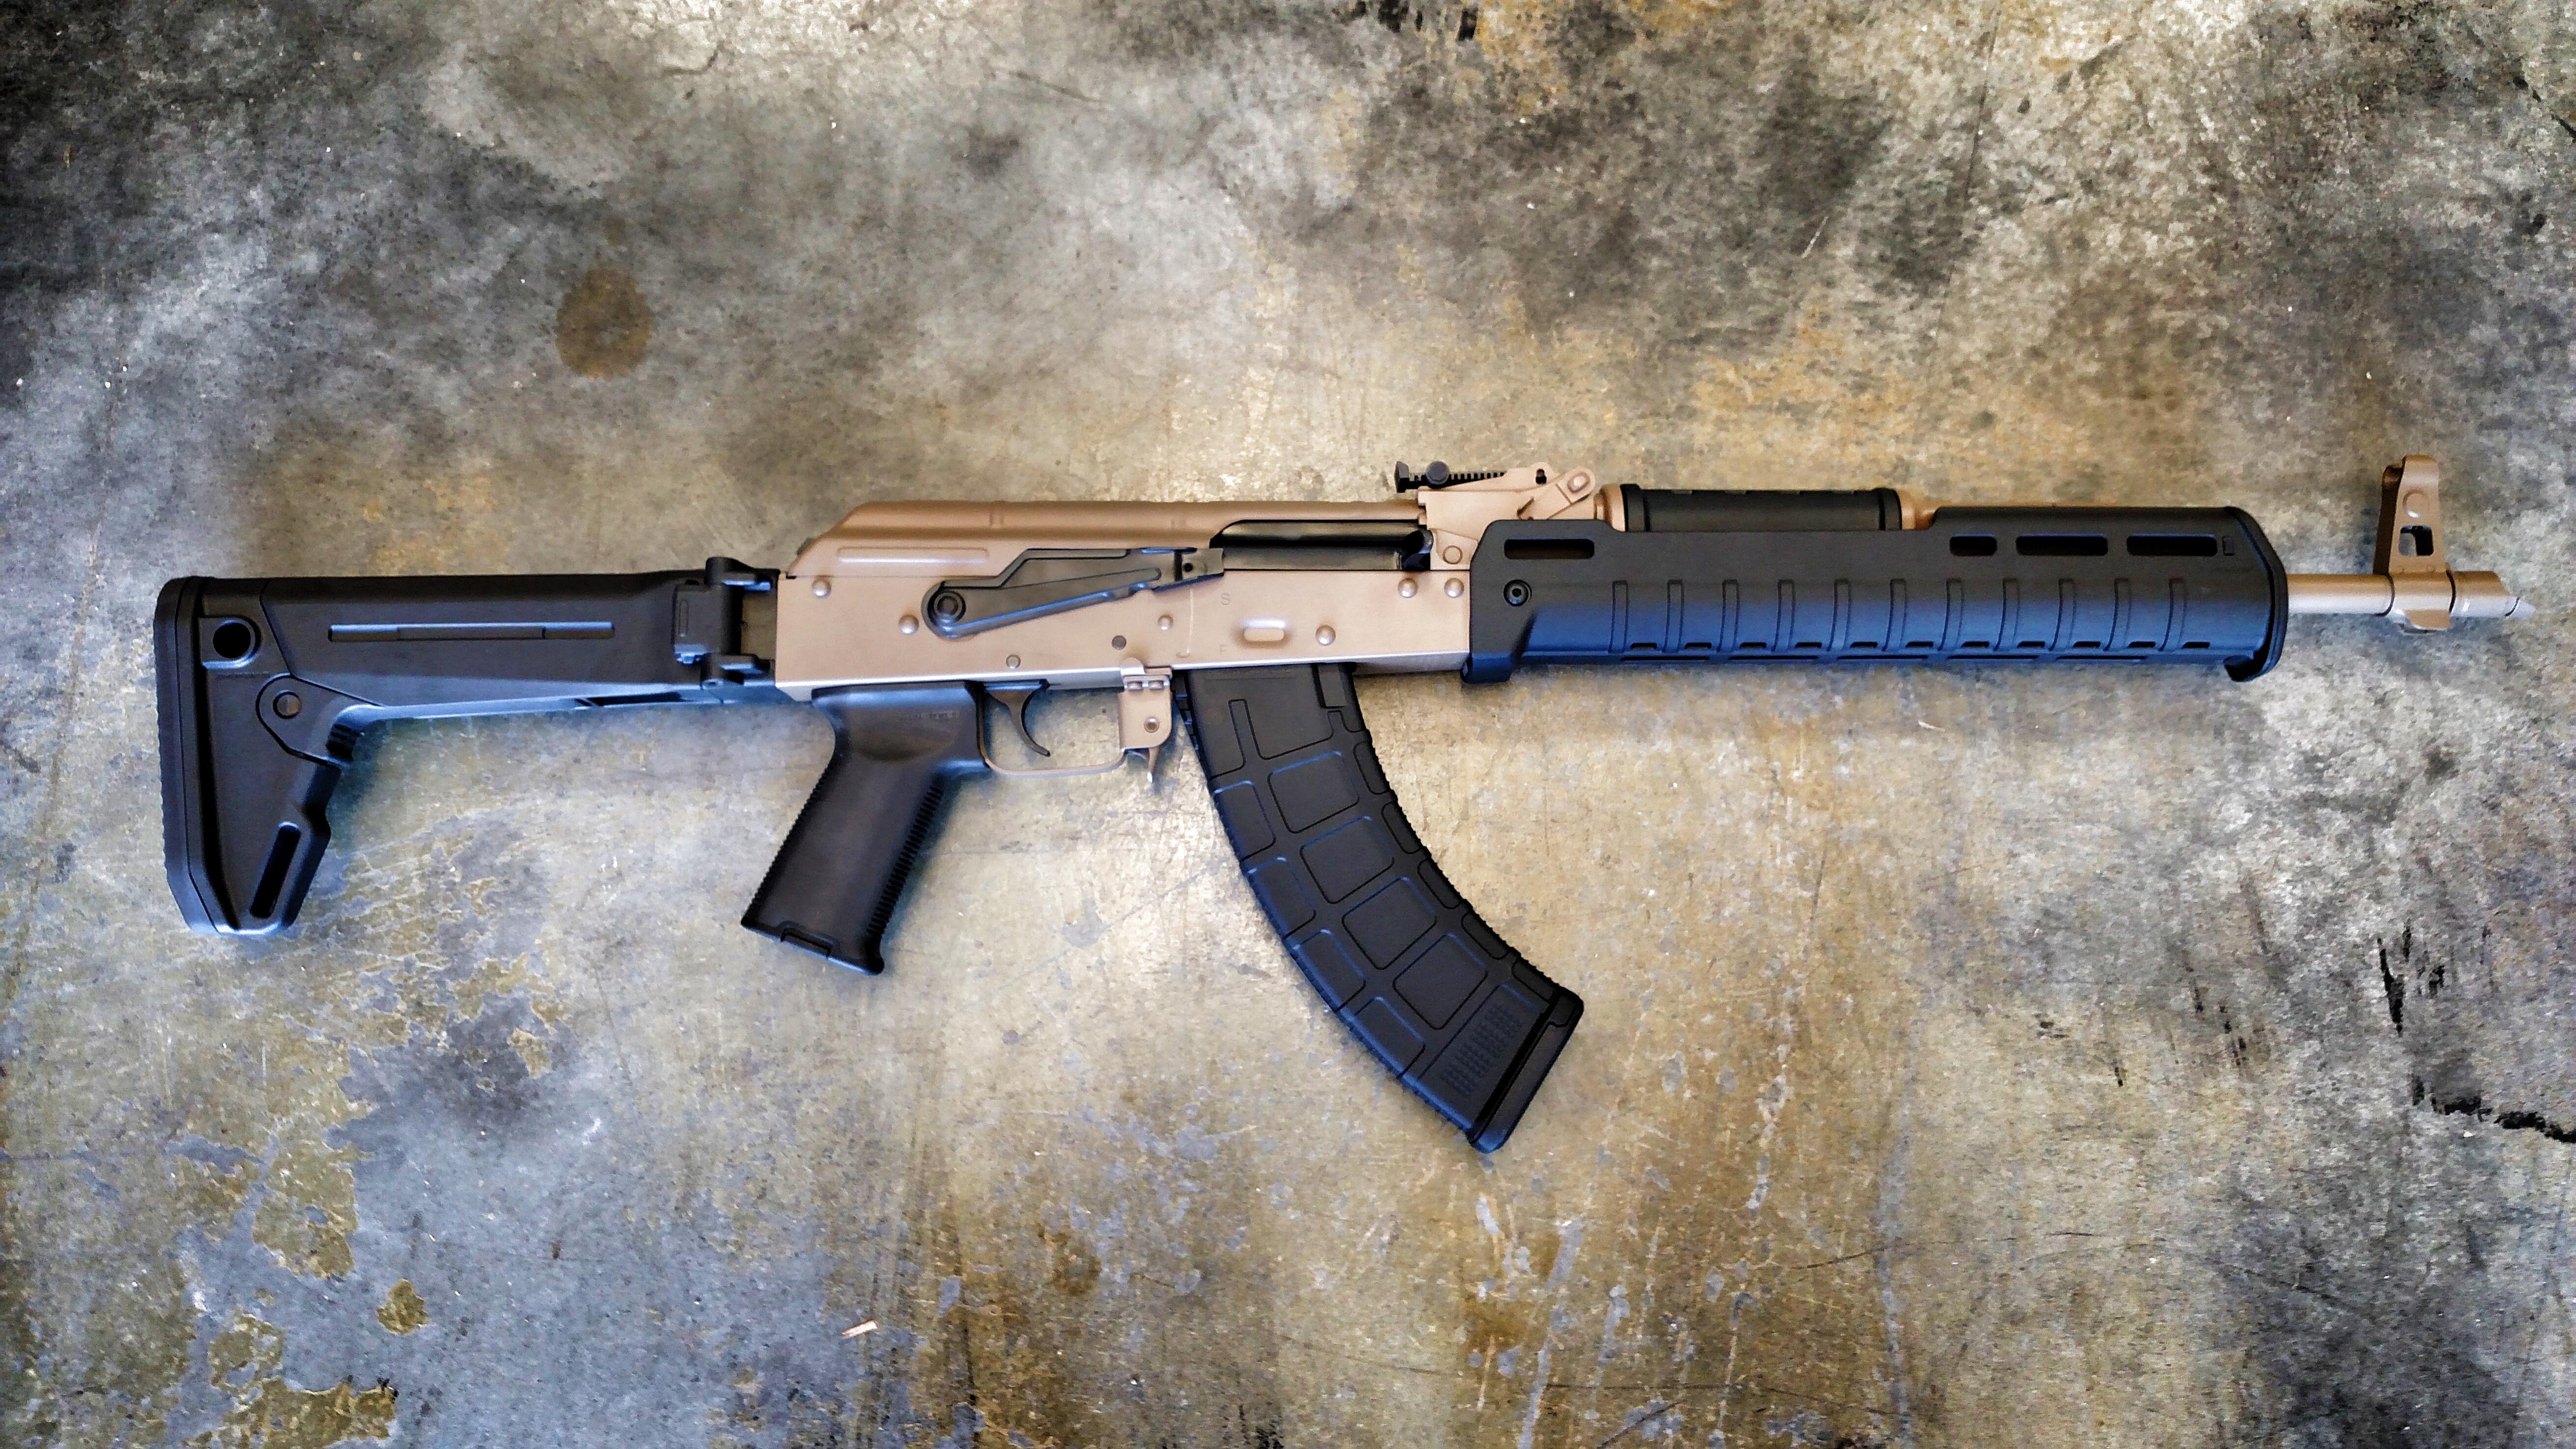 DDI Stamped AK-47 Zhukov/Zhukov FDE